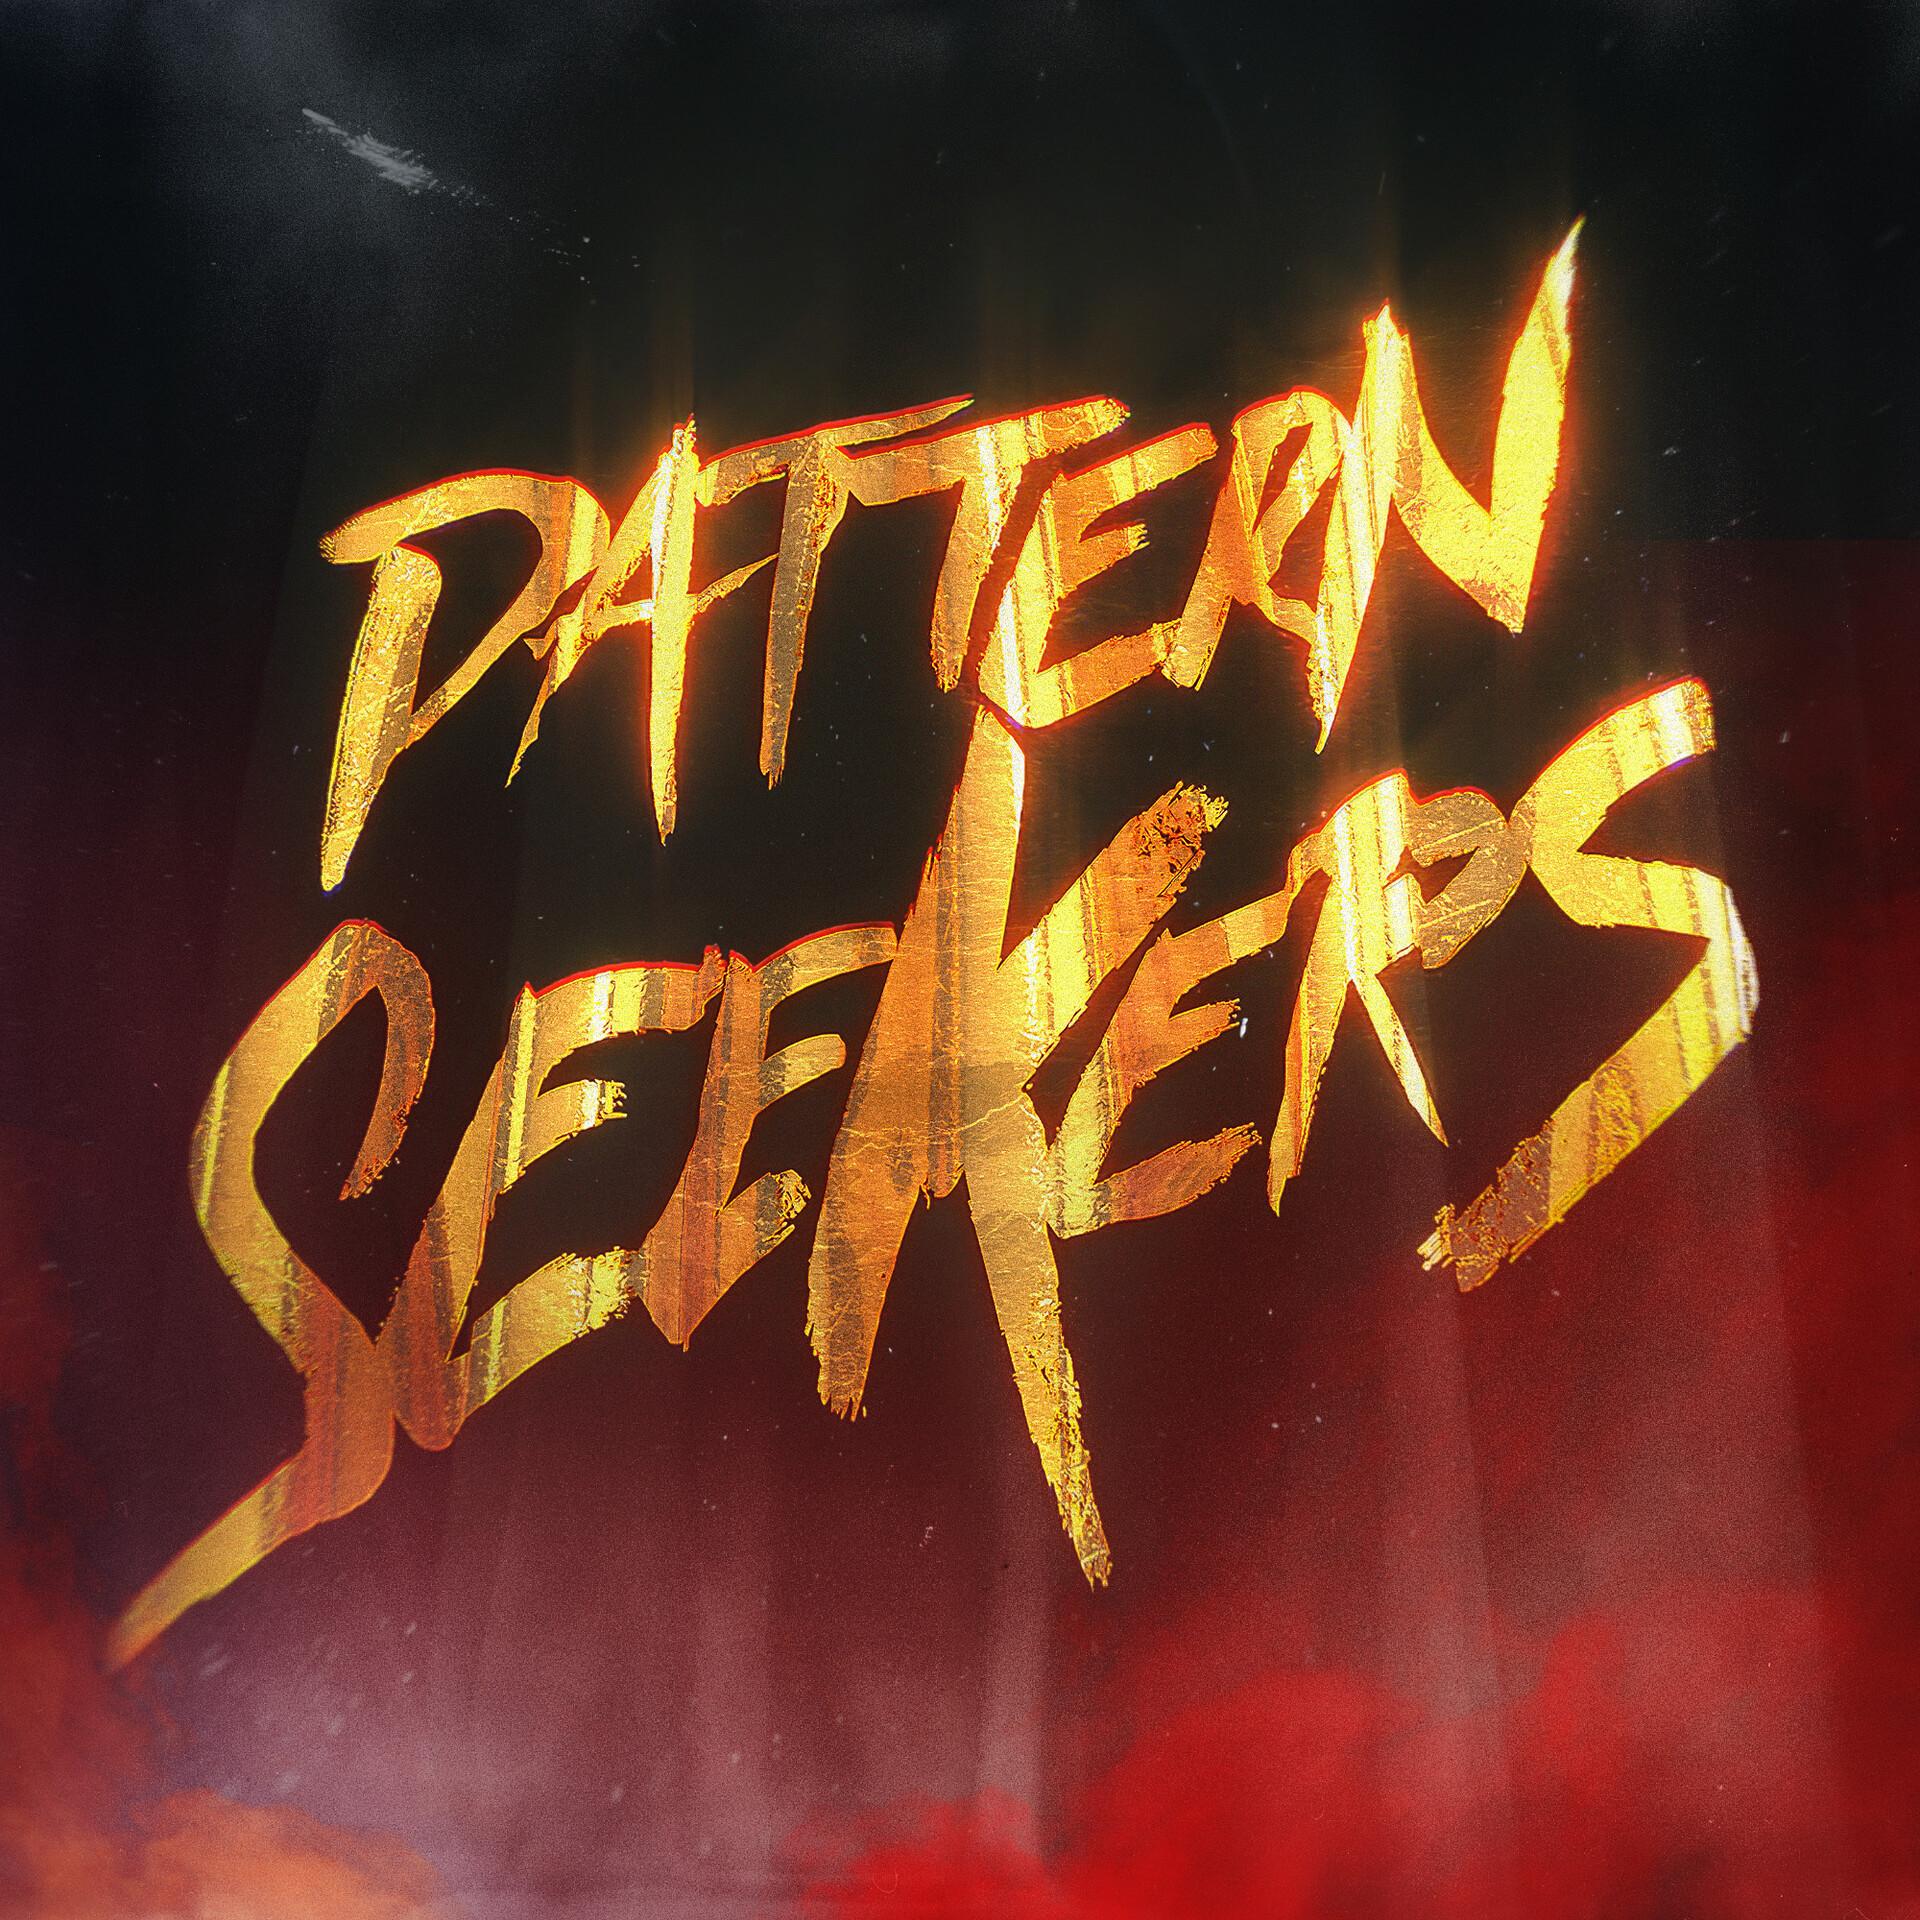 Long ken patternseekers layered 2k edit